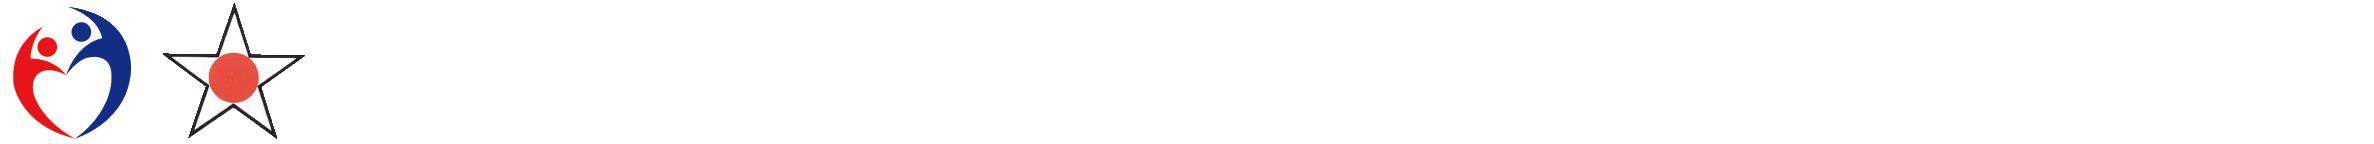 令和2年度 旭川市一体的実施委託事業  主催/厚生労働省 北海道労働局・旭川市・ハローワーク旭川